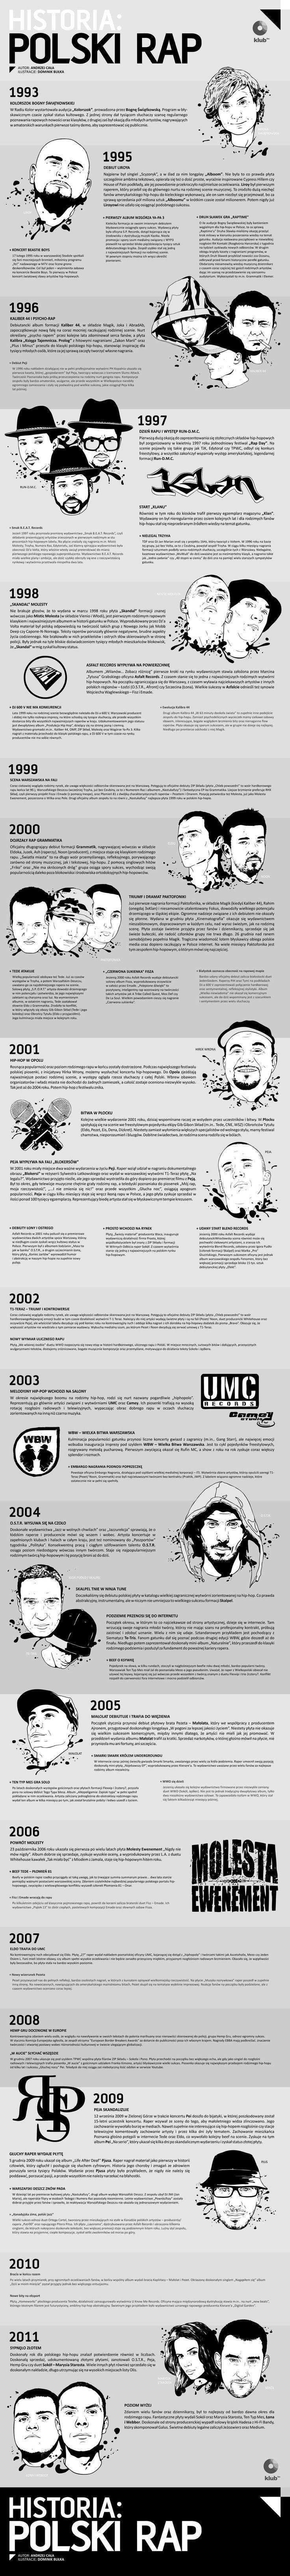 Historia: polski rap (infografika: Andrzej Cała i Dominik Bułka)